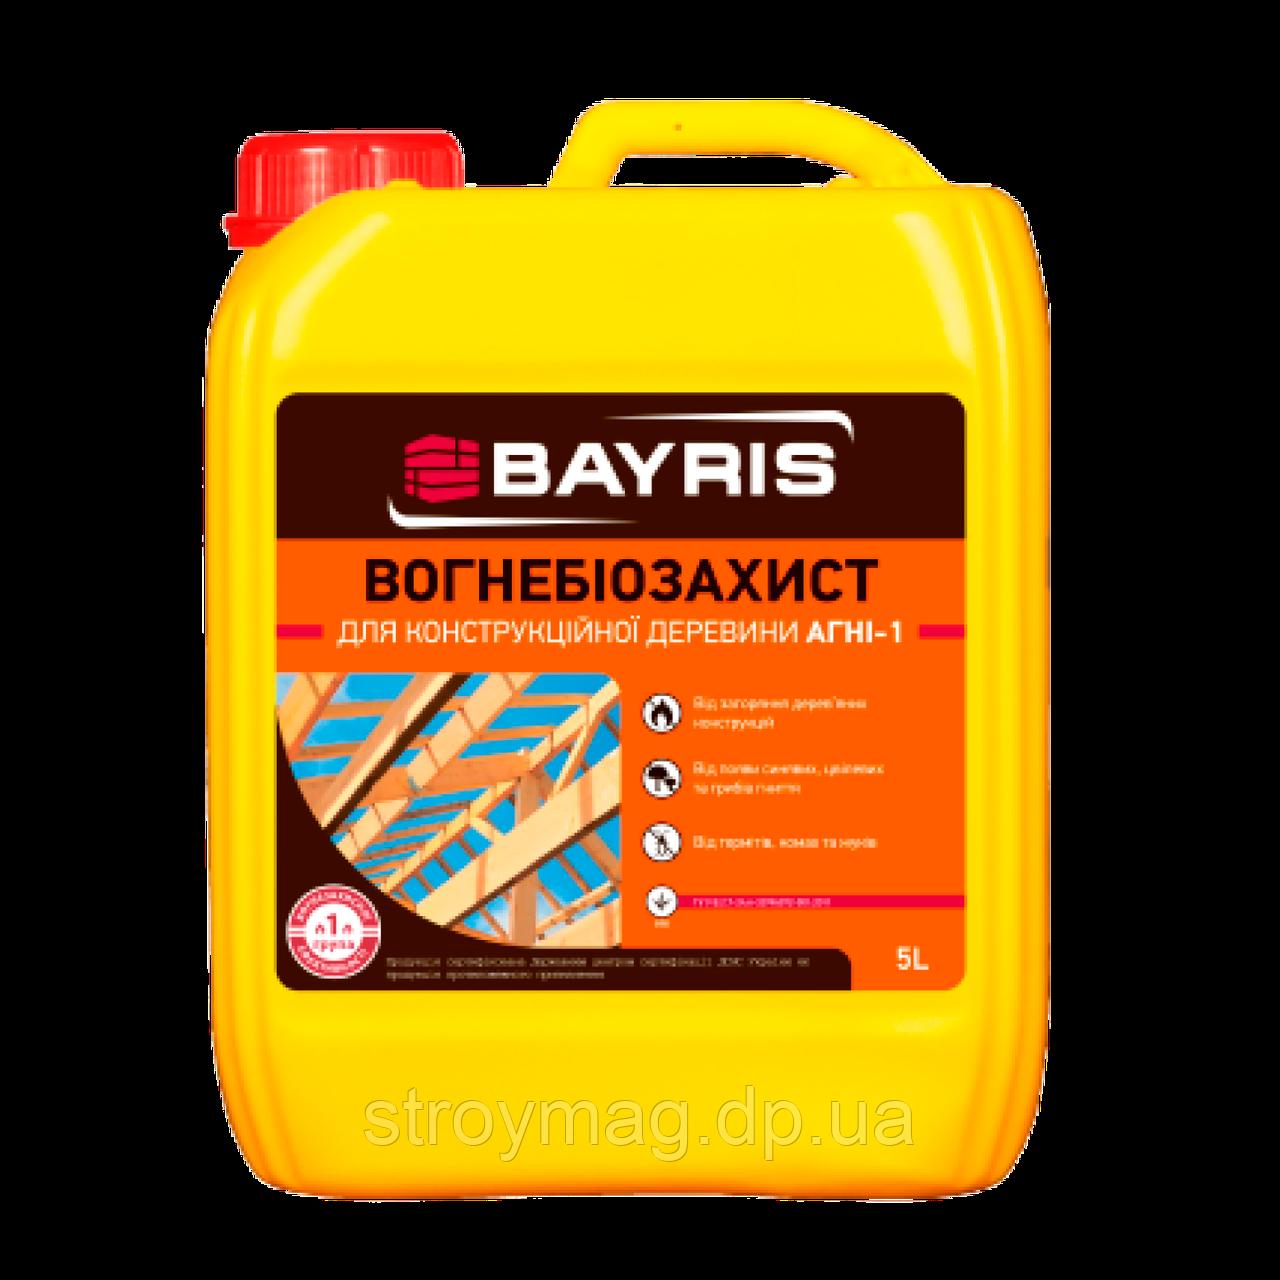 ОГНЕБИОЗАЩИТА для конструкционной древесины Байрис 10л - Интернет магазин stroymag.dp.ua в Днепре